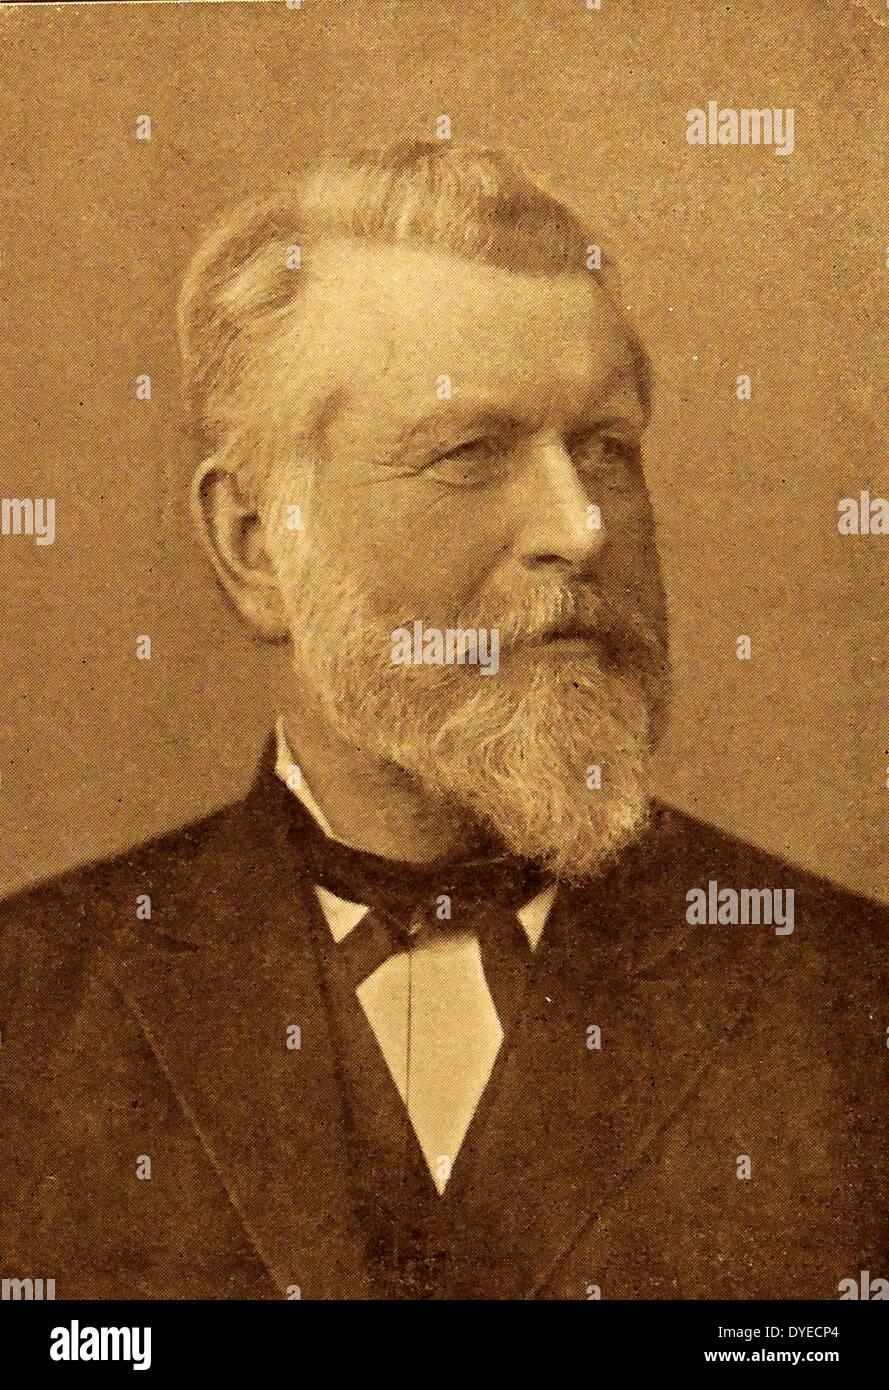 Illustration of Johannes Steen Stock Photo